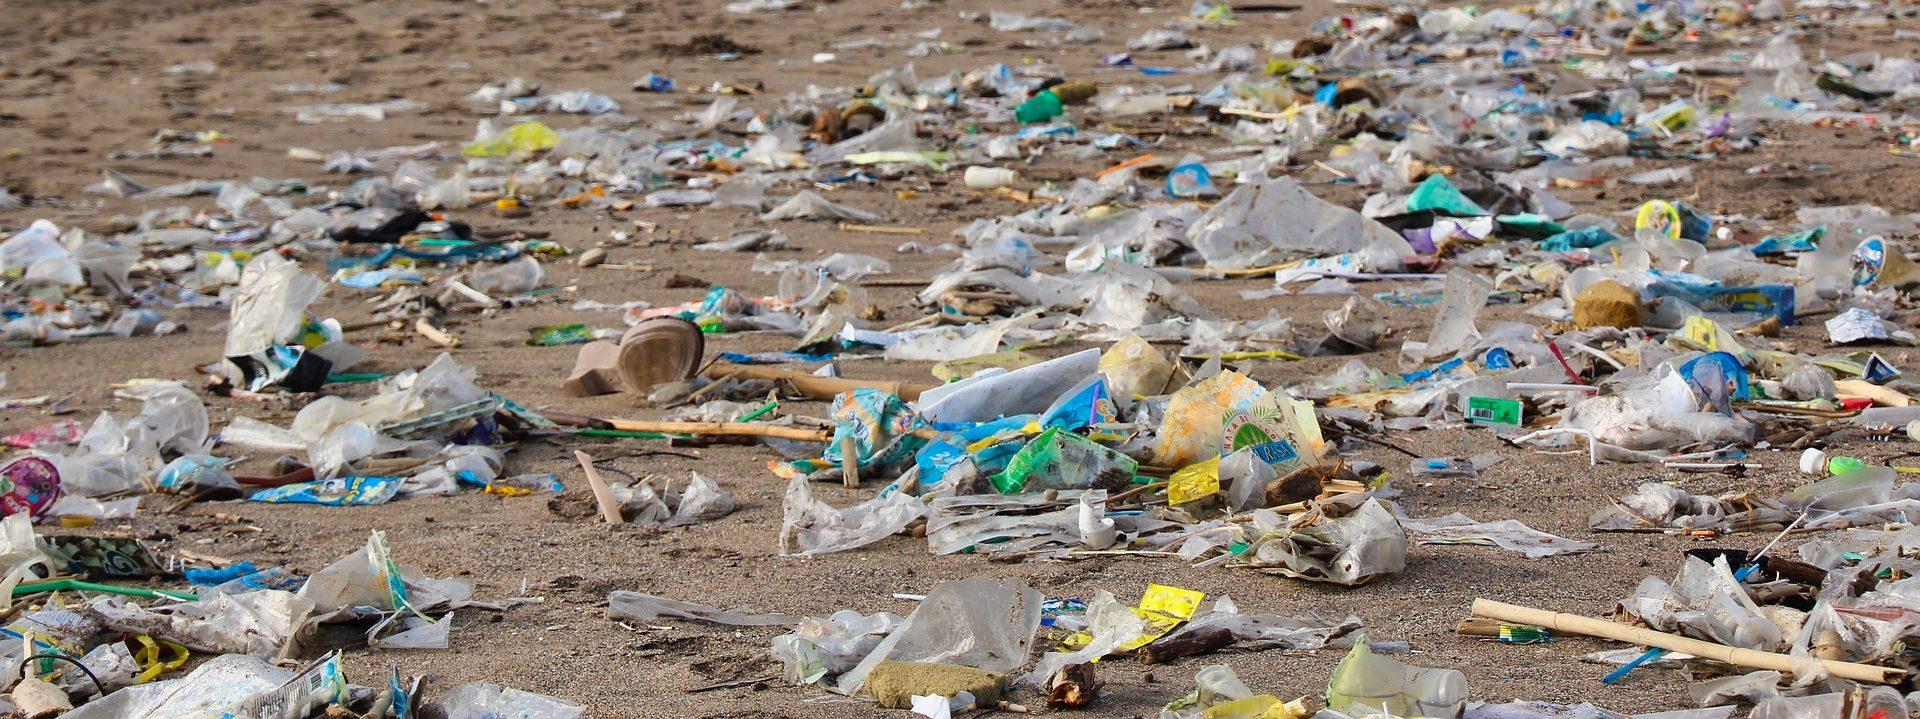 Müll am Strand_Zero Waste Itzehoe e.V.